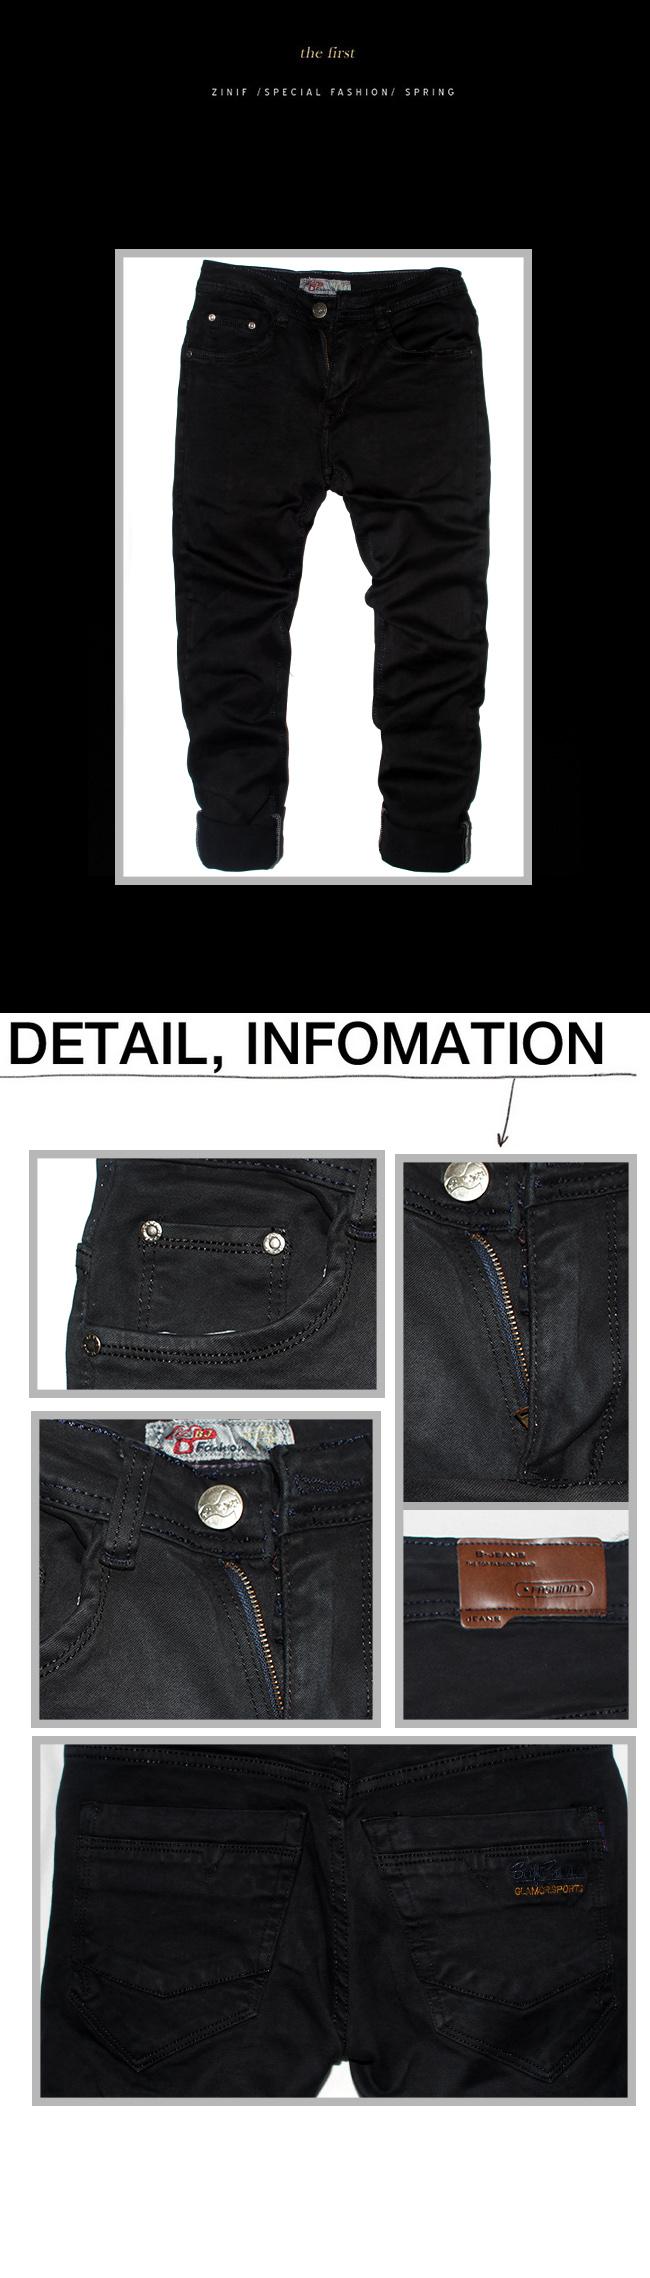 Quần jean đen qj1122 - 1